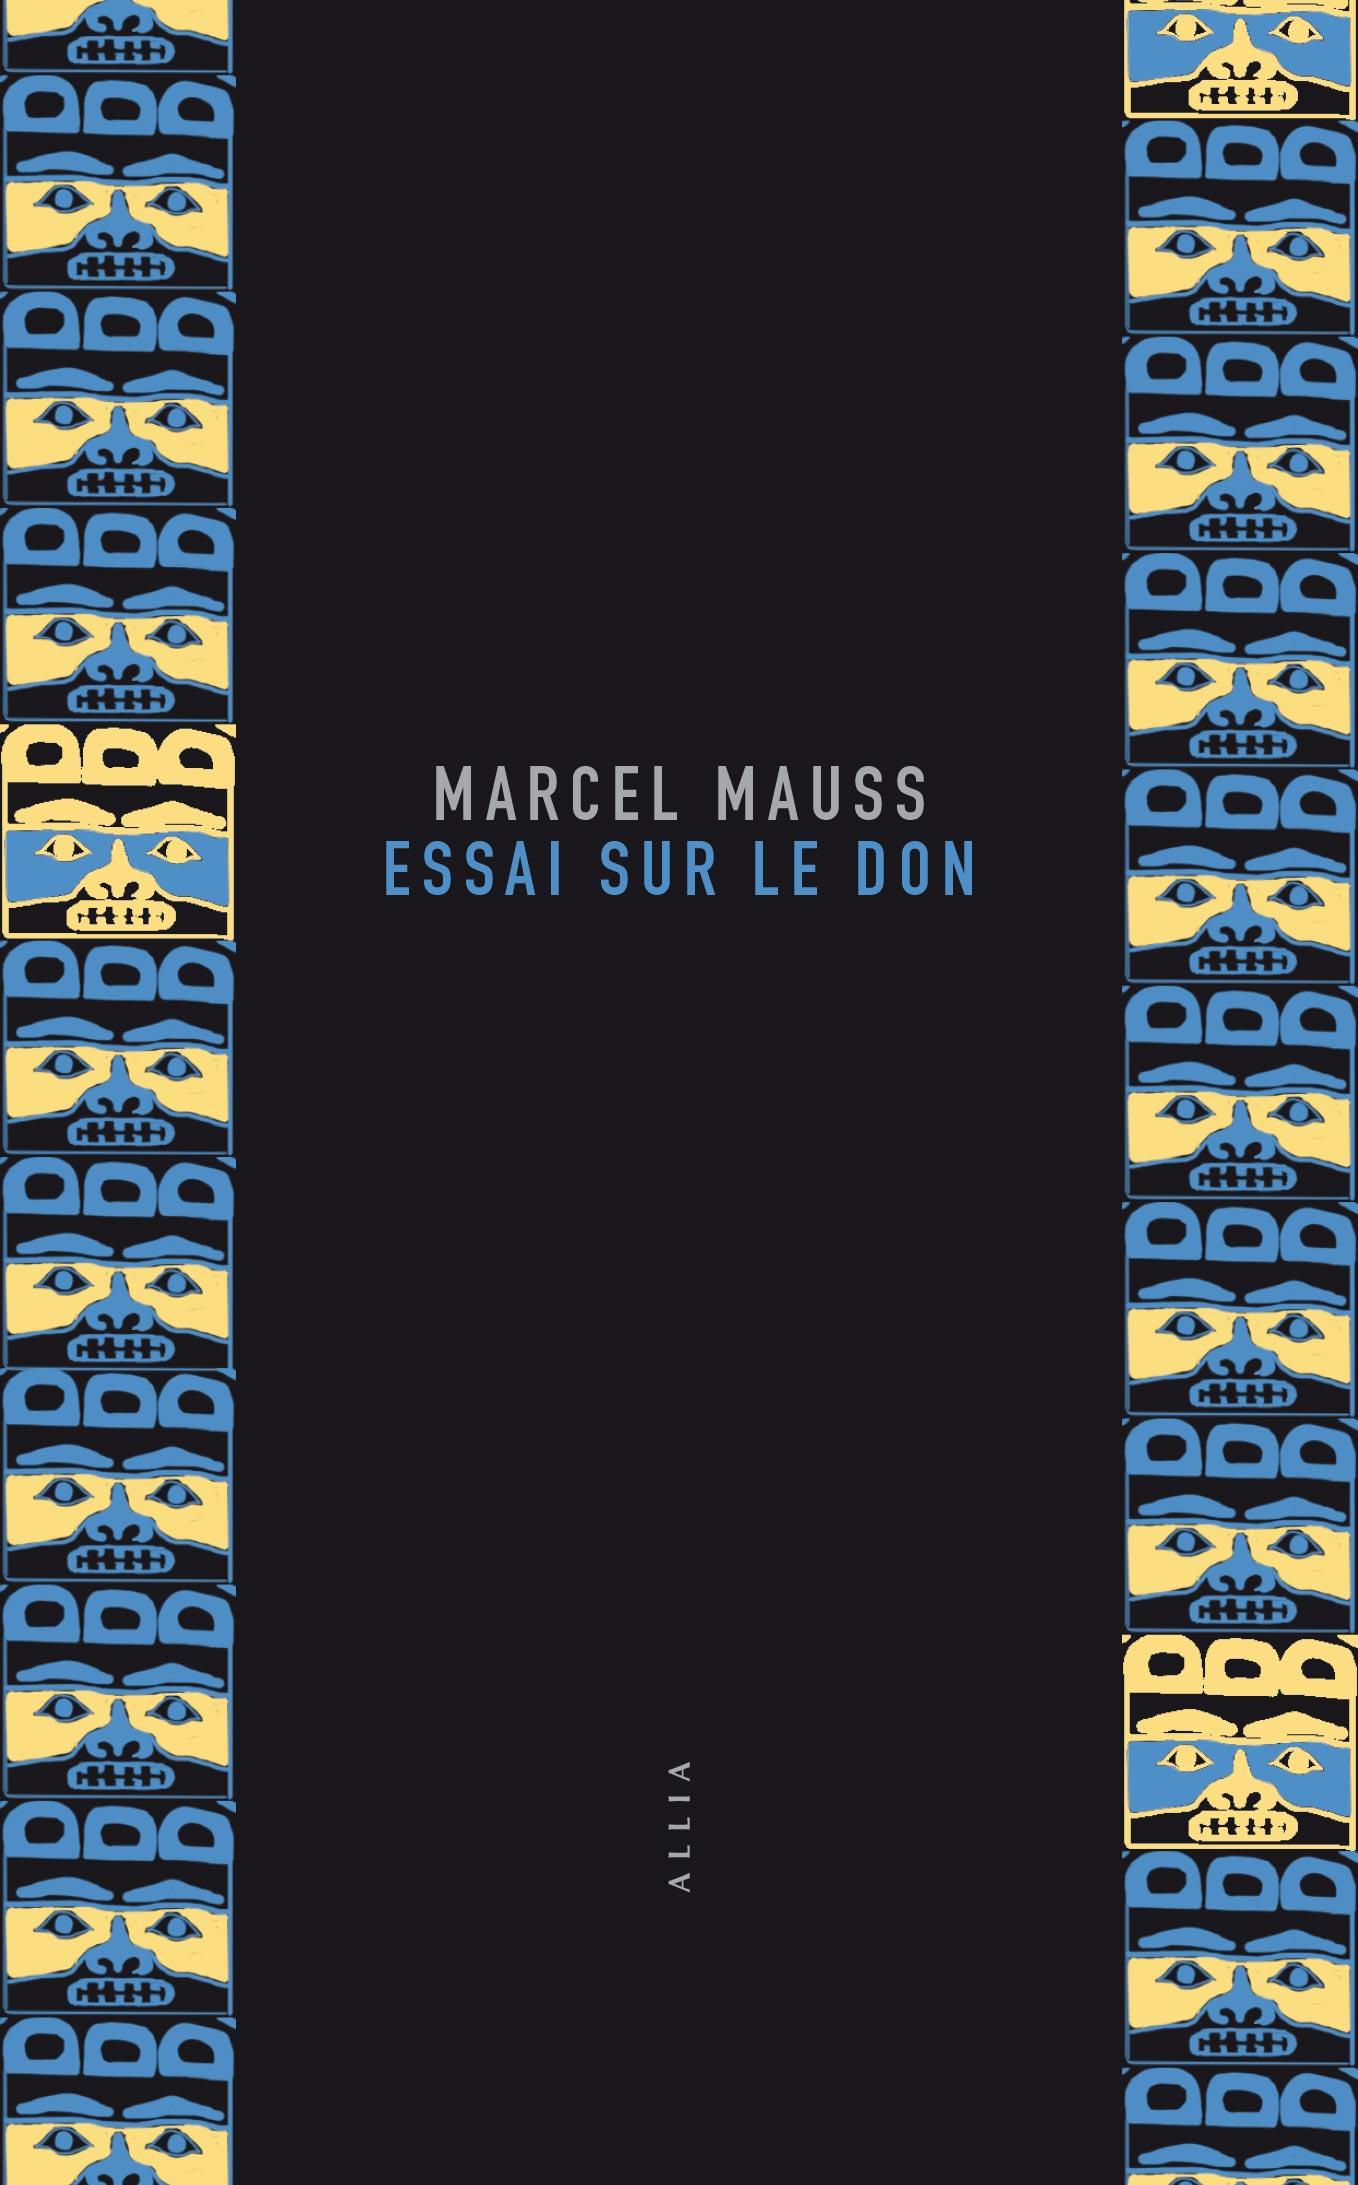 M. Mauss, Essai sur le don